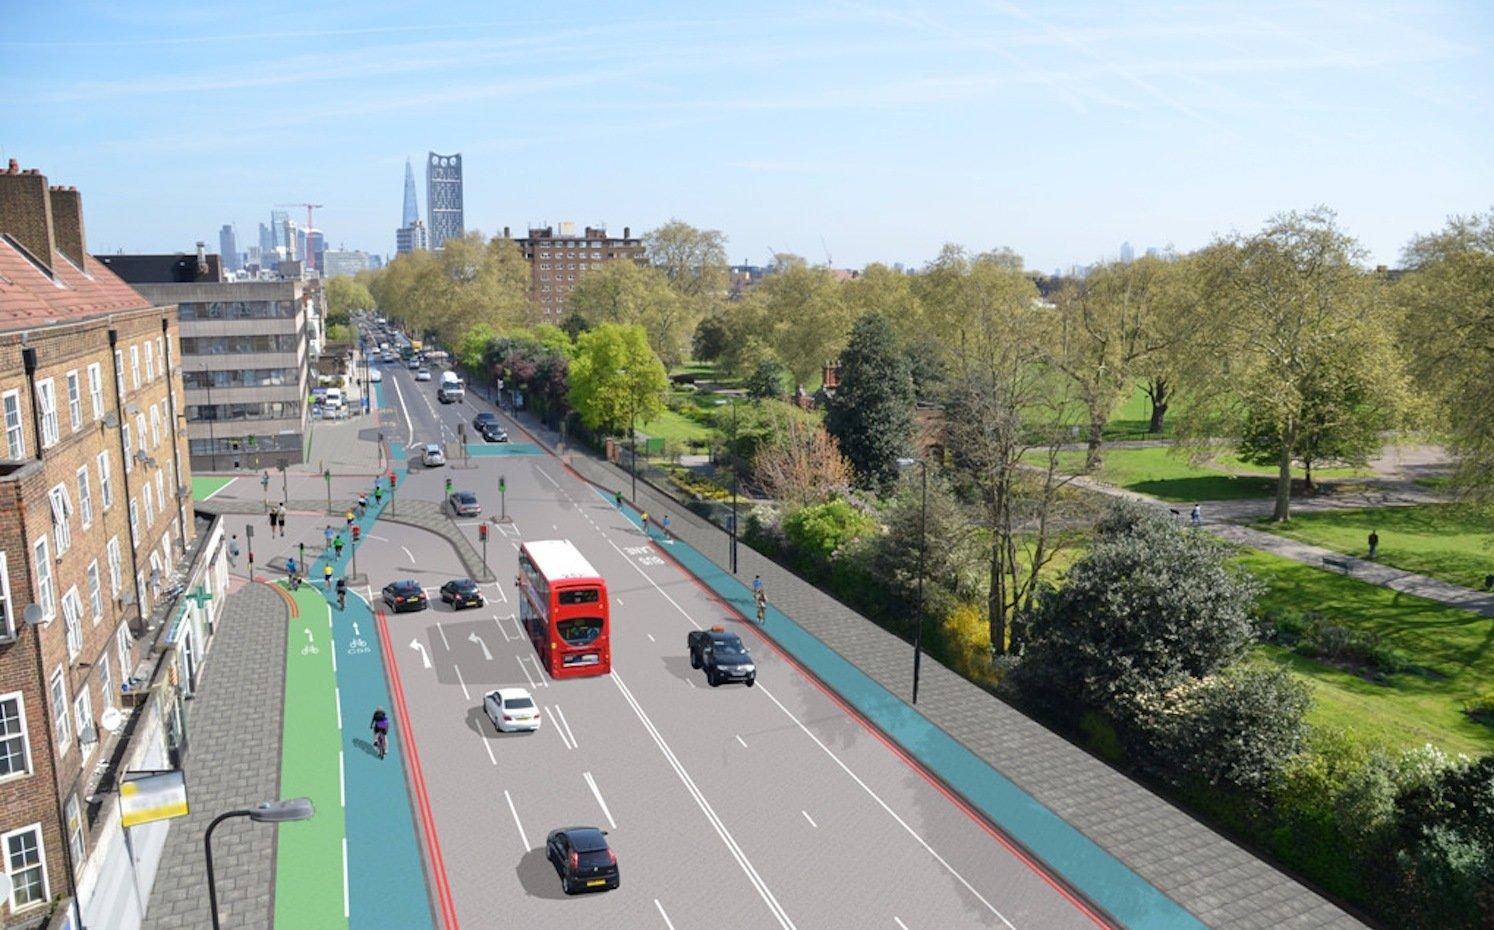 London investiert viel Geld in die Modernisierung der Straßen. Denn schon 2031 soll die Einwohnerzahl die Zehn-Millionen-Marke knacken.